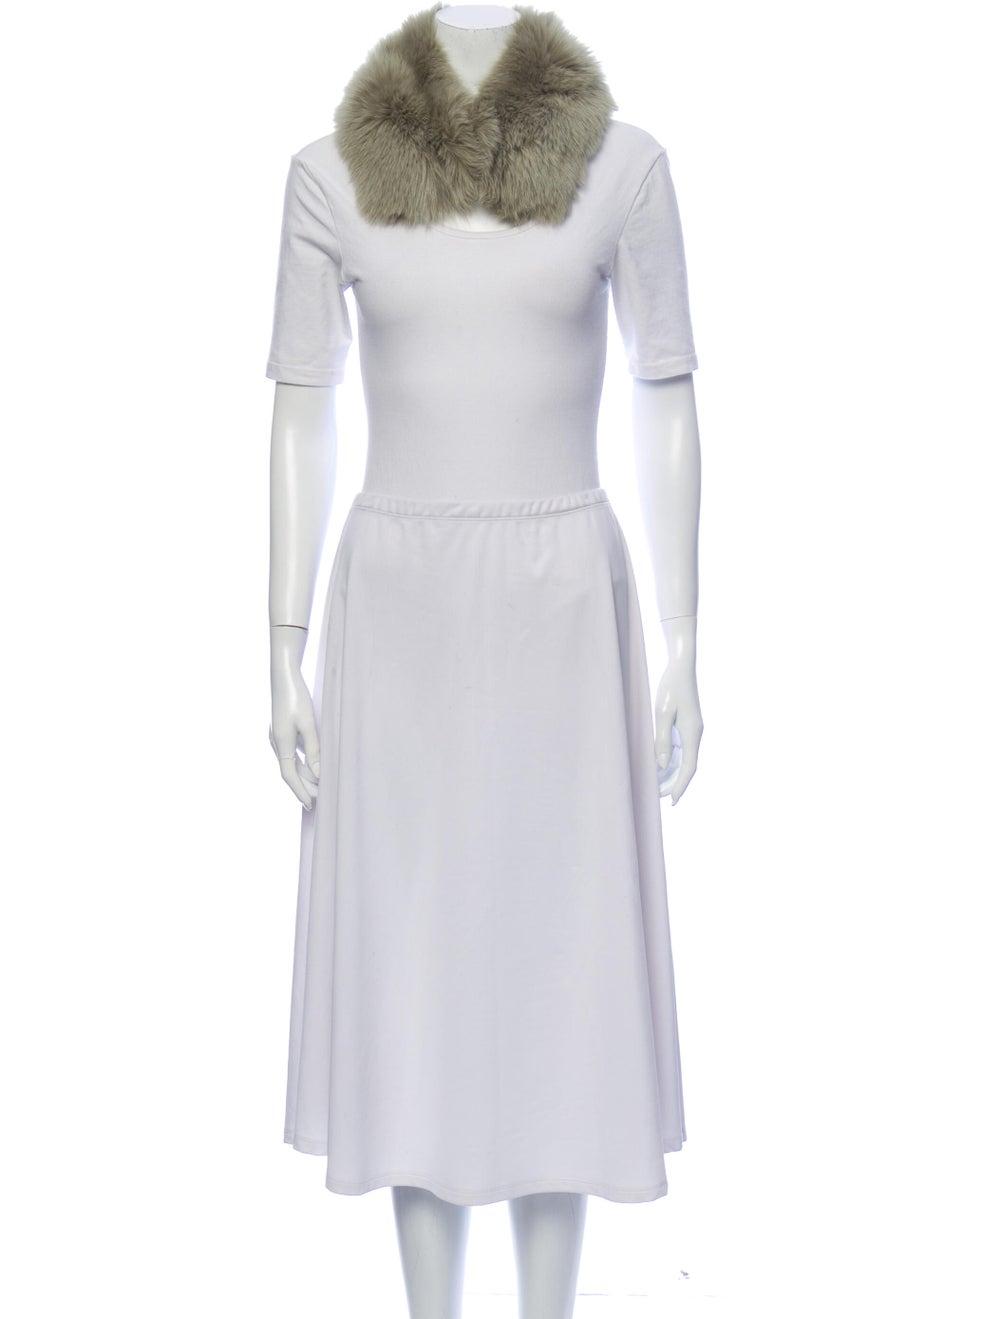 Anne Dee Goldin Fox Fur Stole Fur Stole Green - image 3